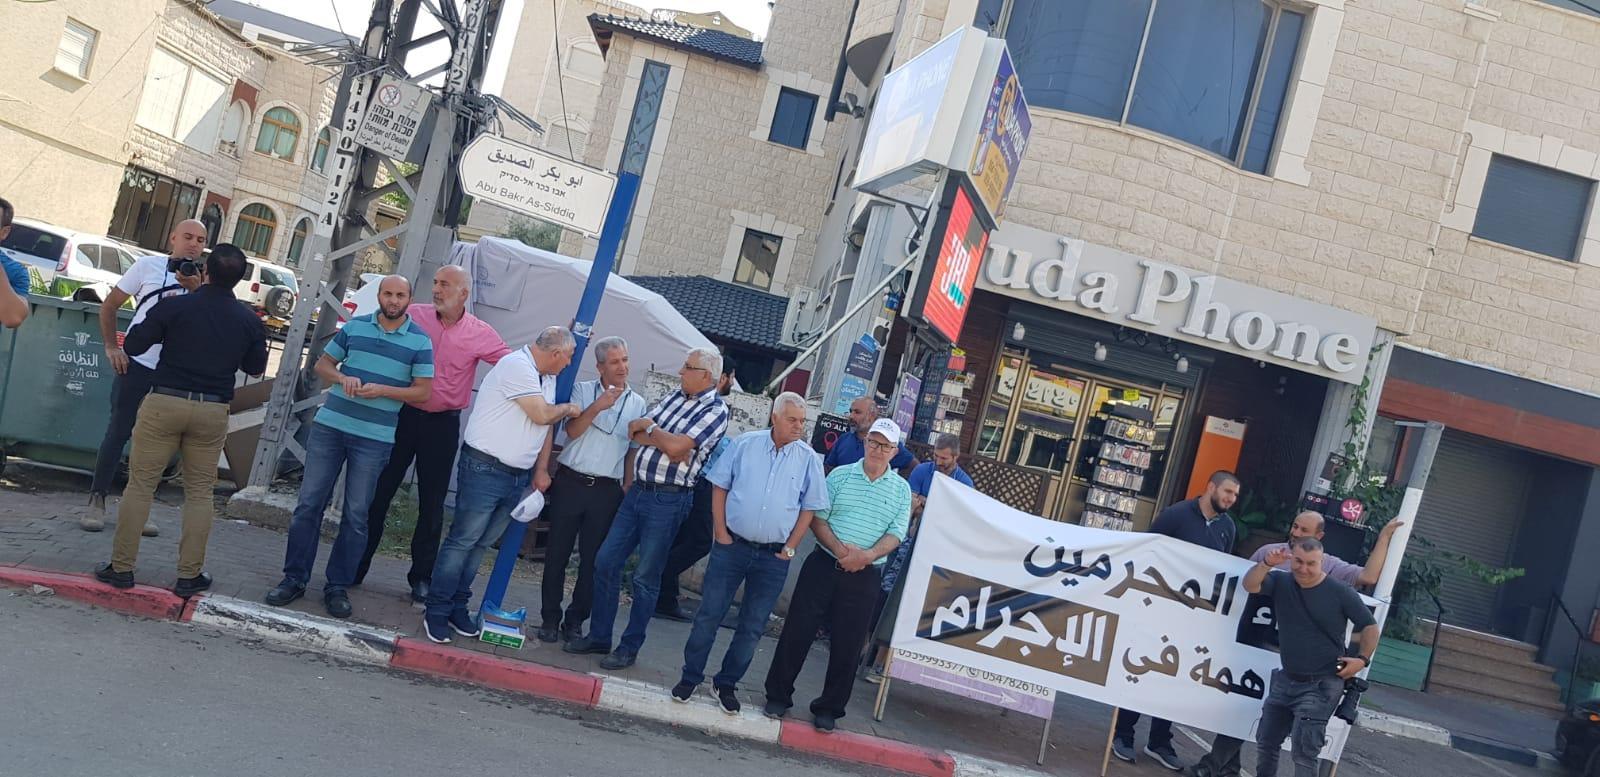 تظاهرة منعا لإيواء المجرمين في طمرة